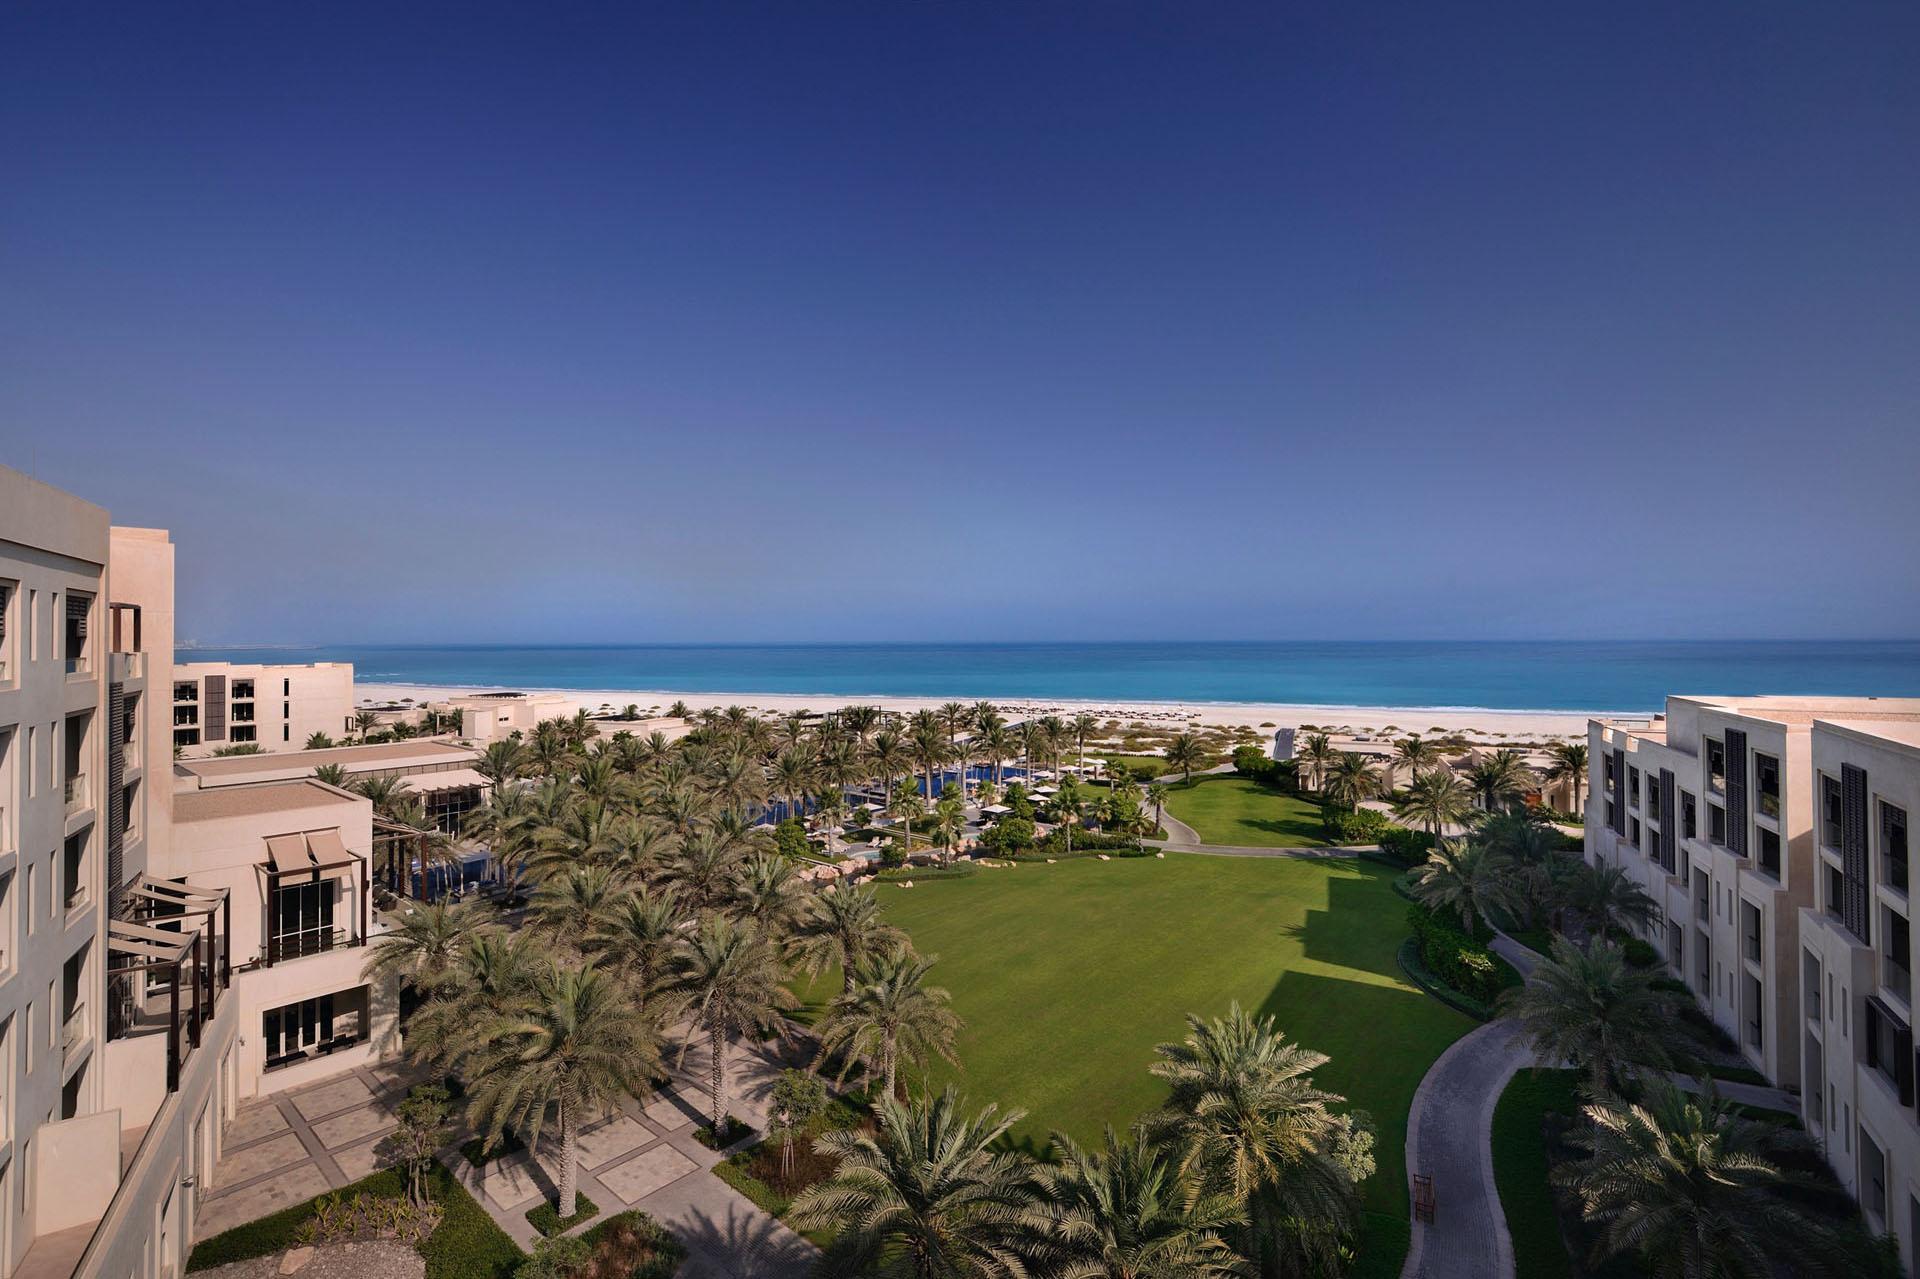 Park Hyatt Abu Dhabi - Hotel and Villas